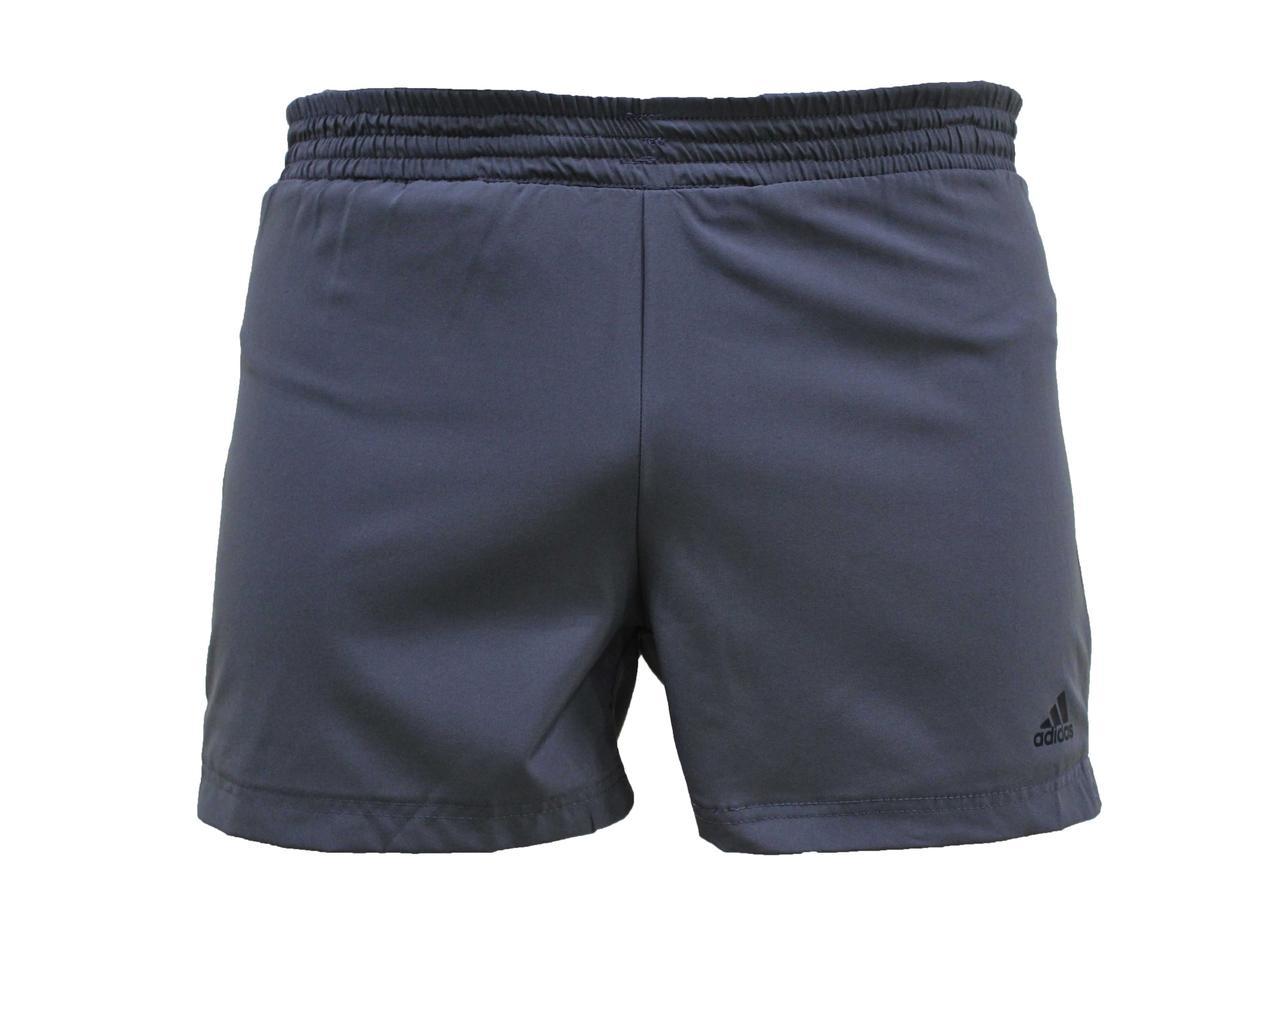 Мужские серые короткие шорты Adidas плавательные 42, 44, 46  размер  (Реплика)